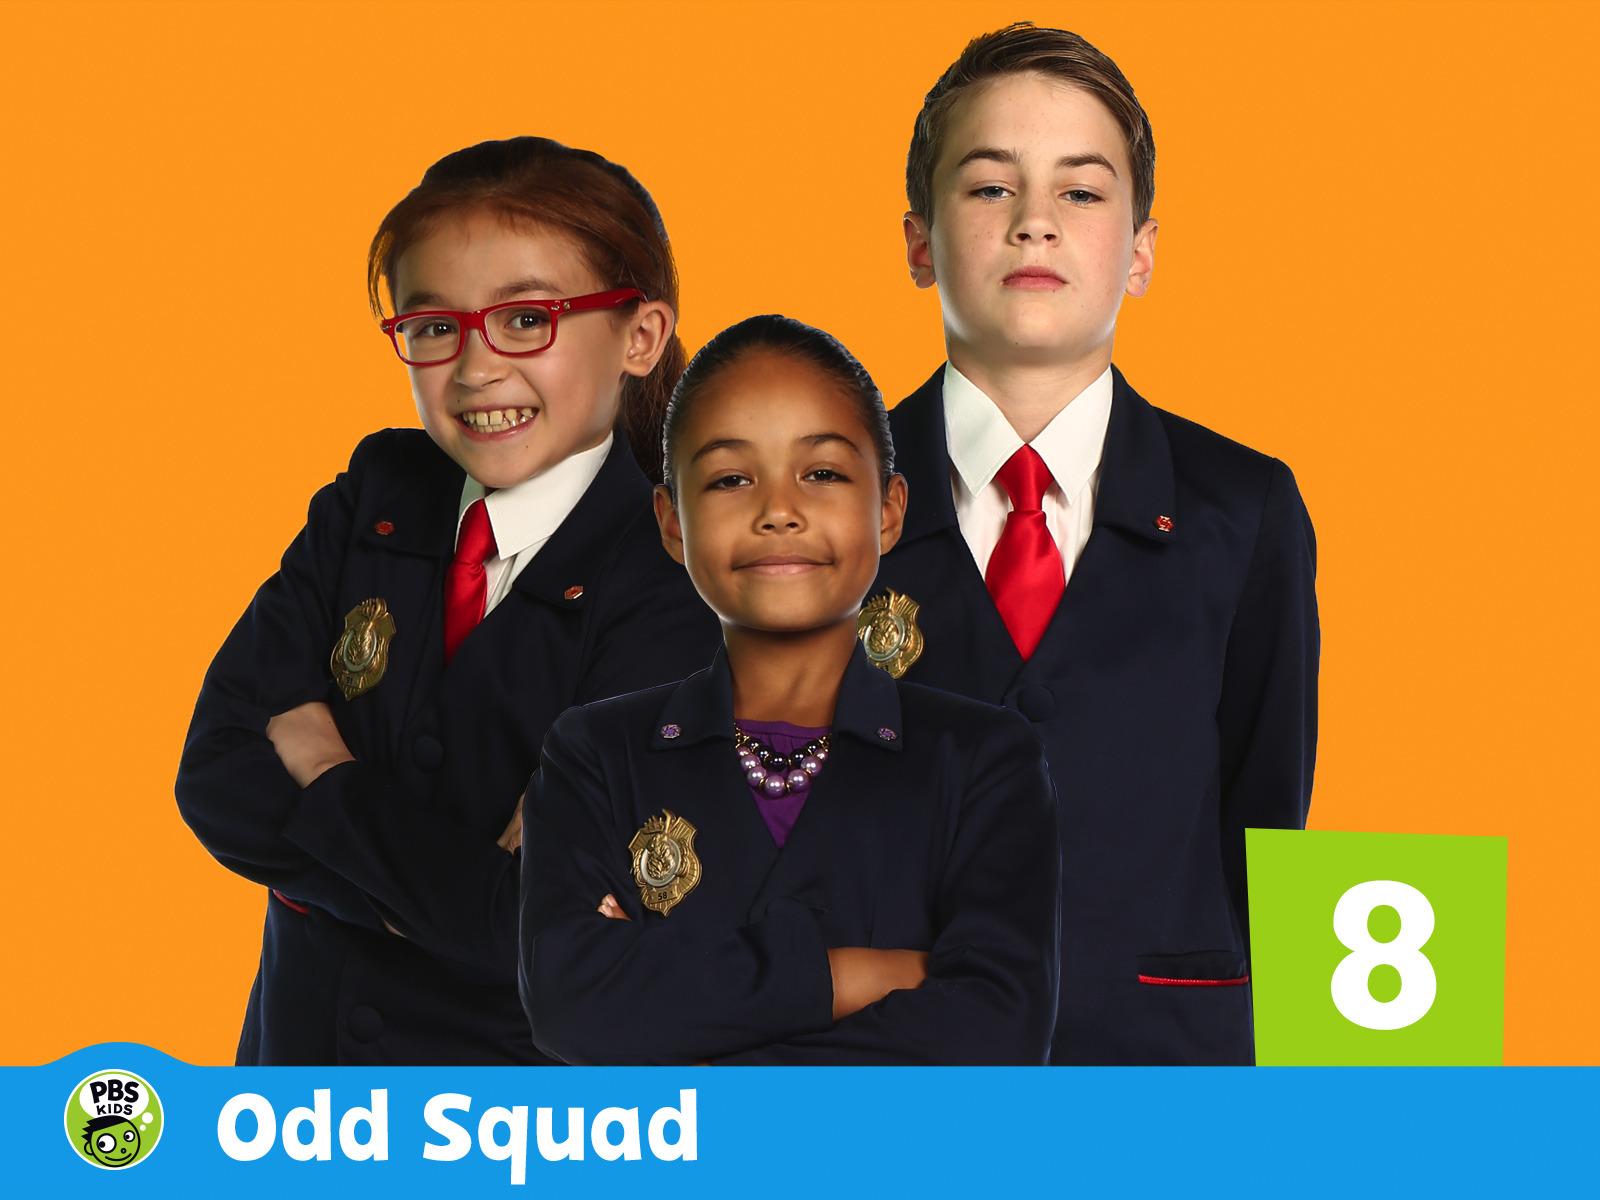 odd squad season 1 episode 32